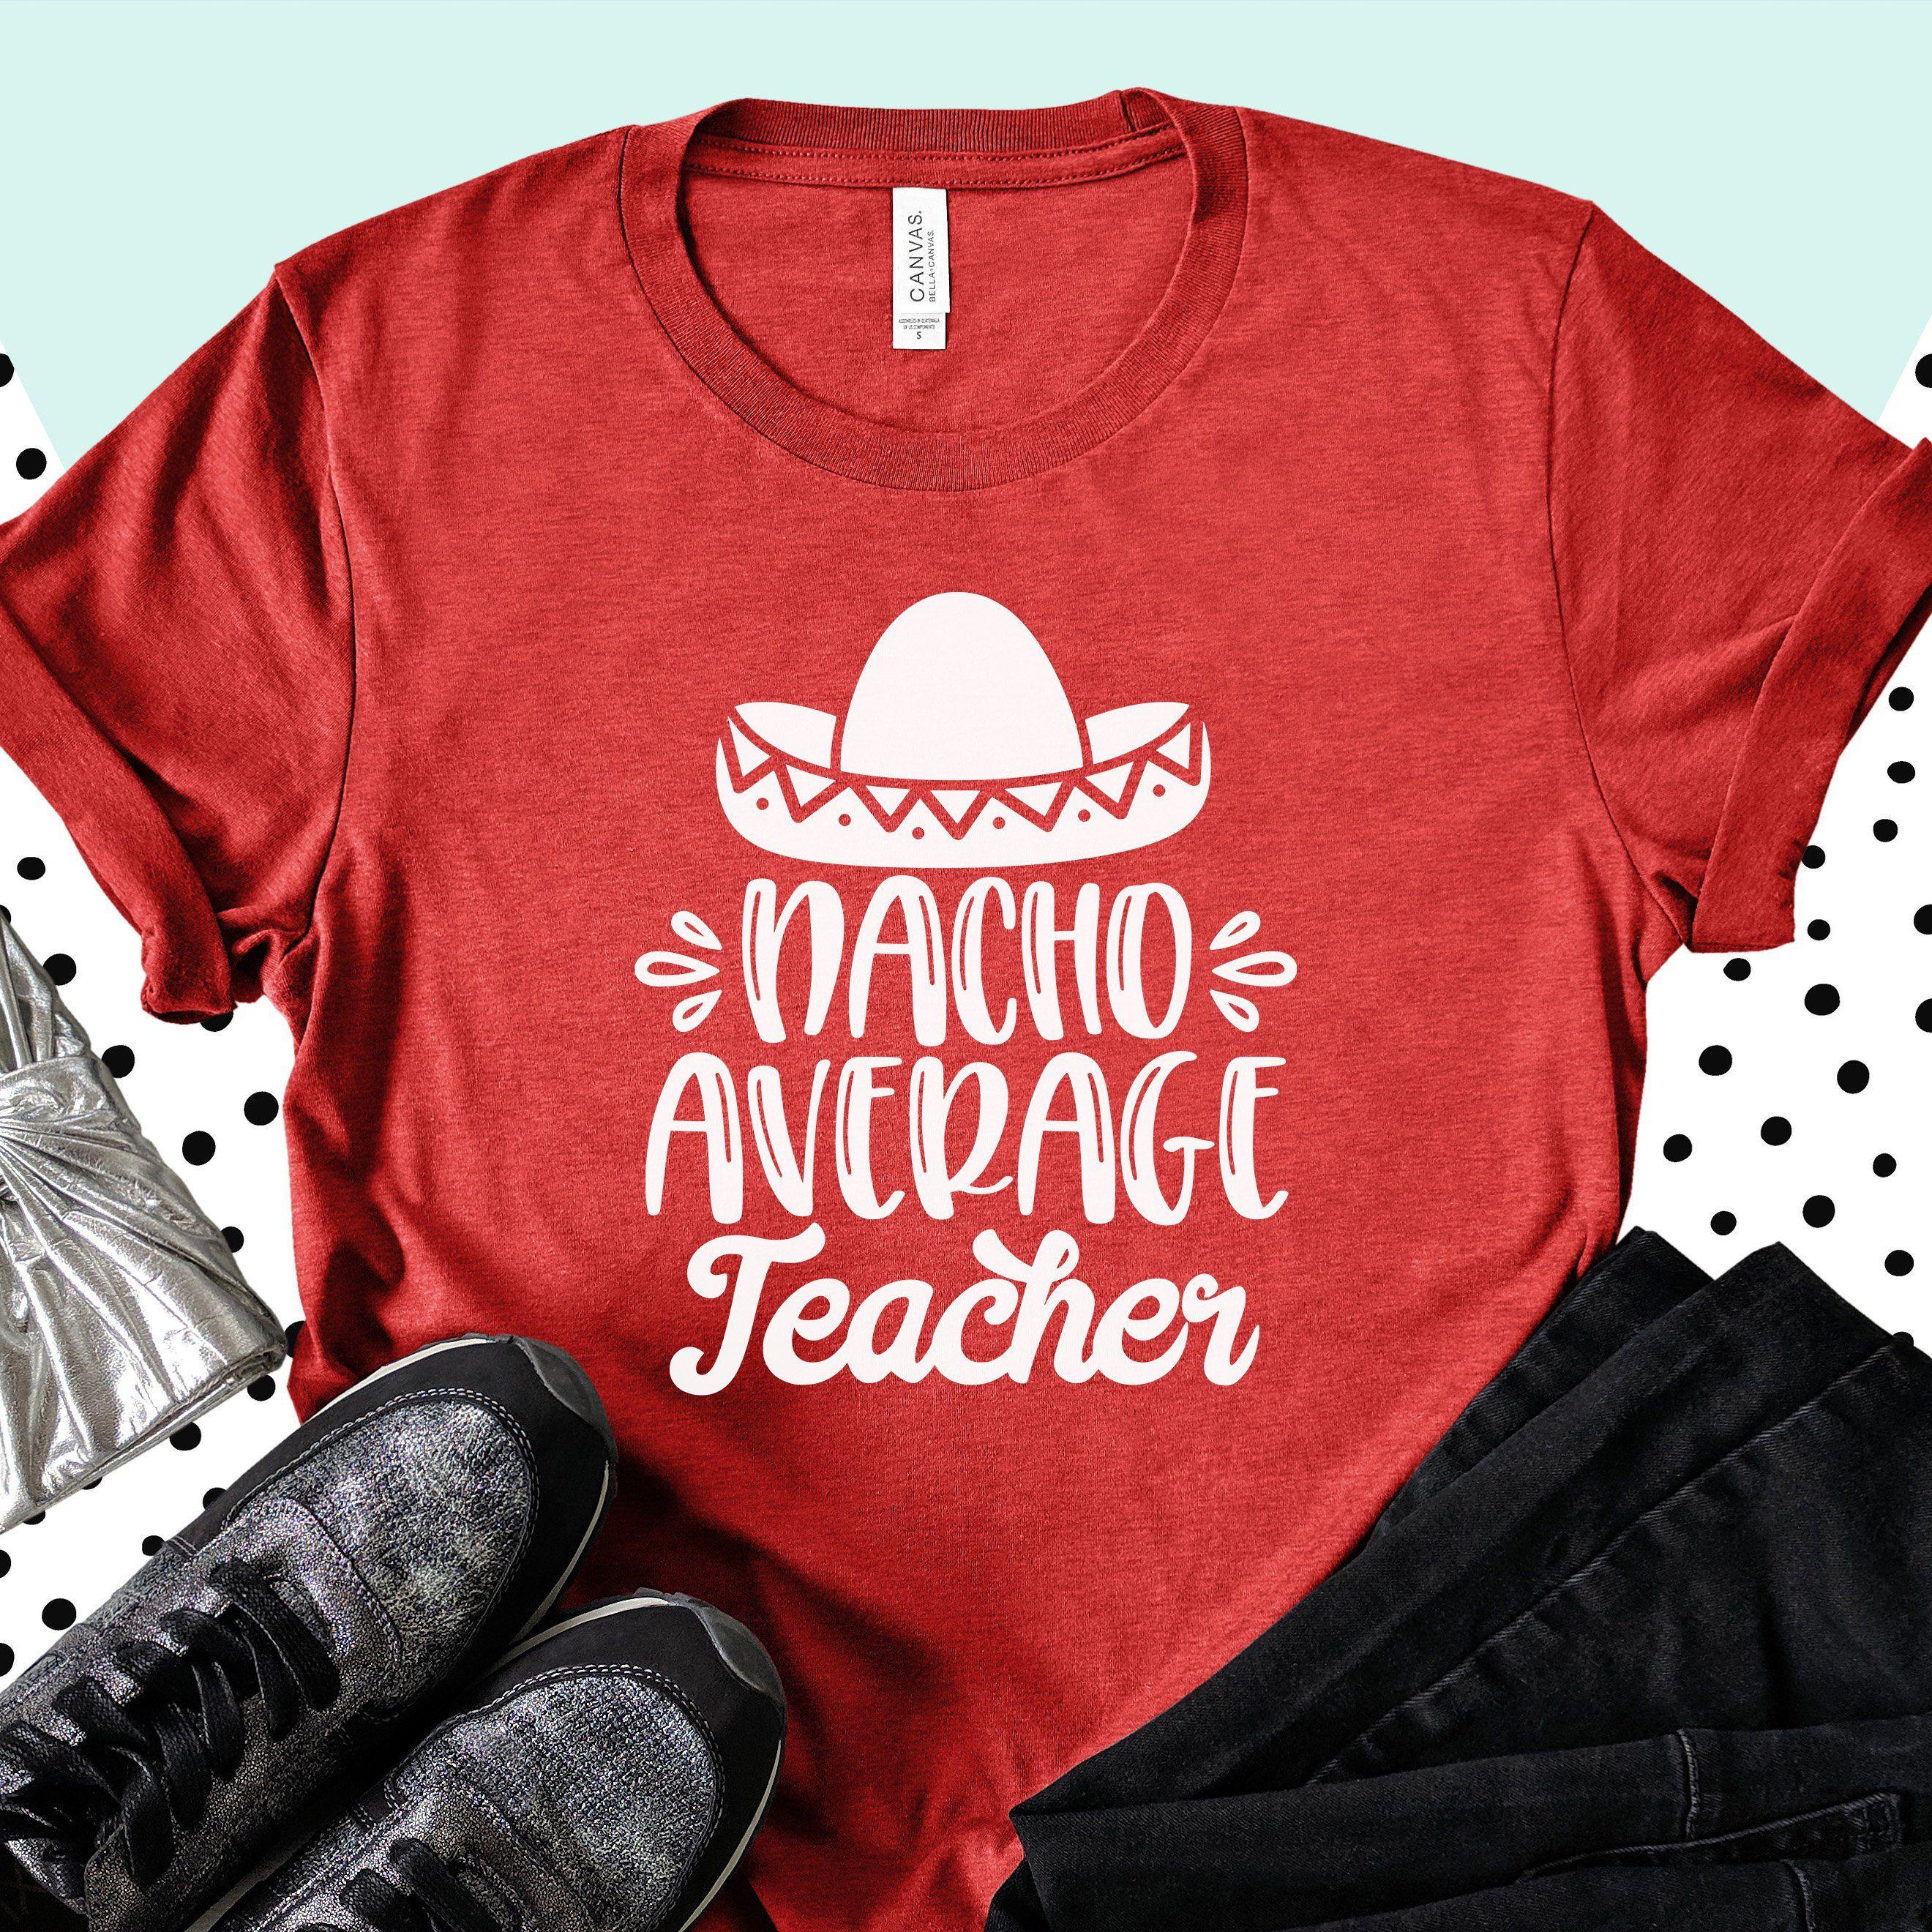 33bce775aec68 Nacho Average Teacher - Teacher Shirts - Cinco De Mayo Shirt ...